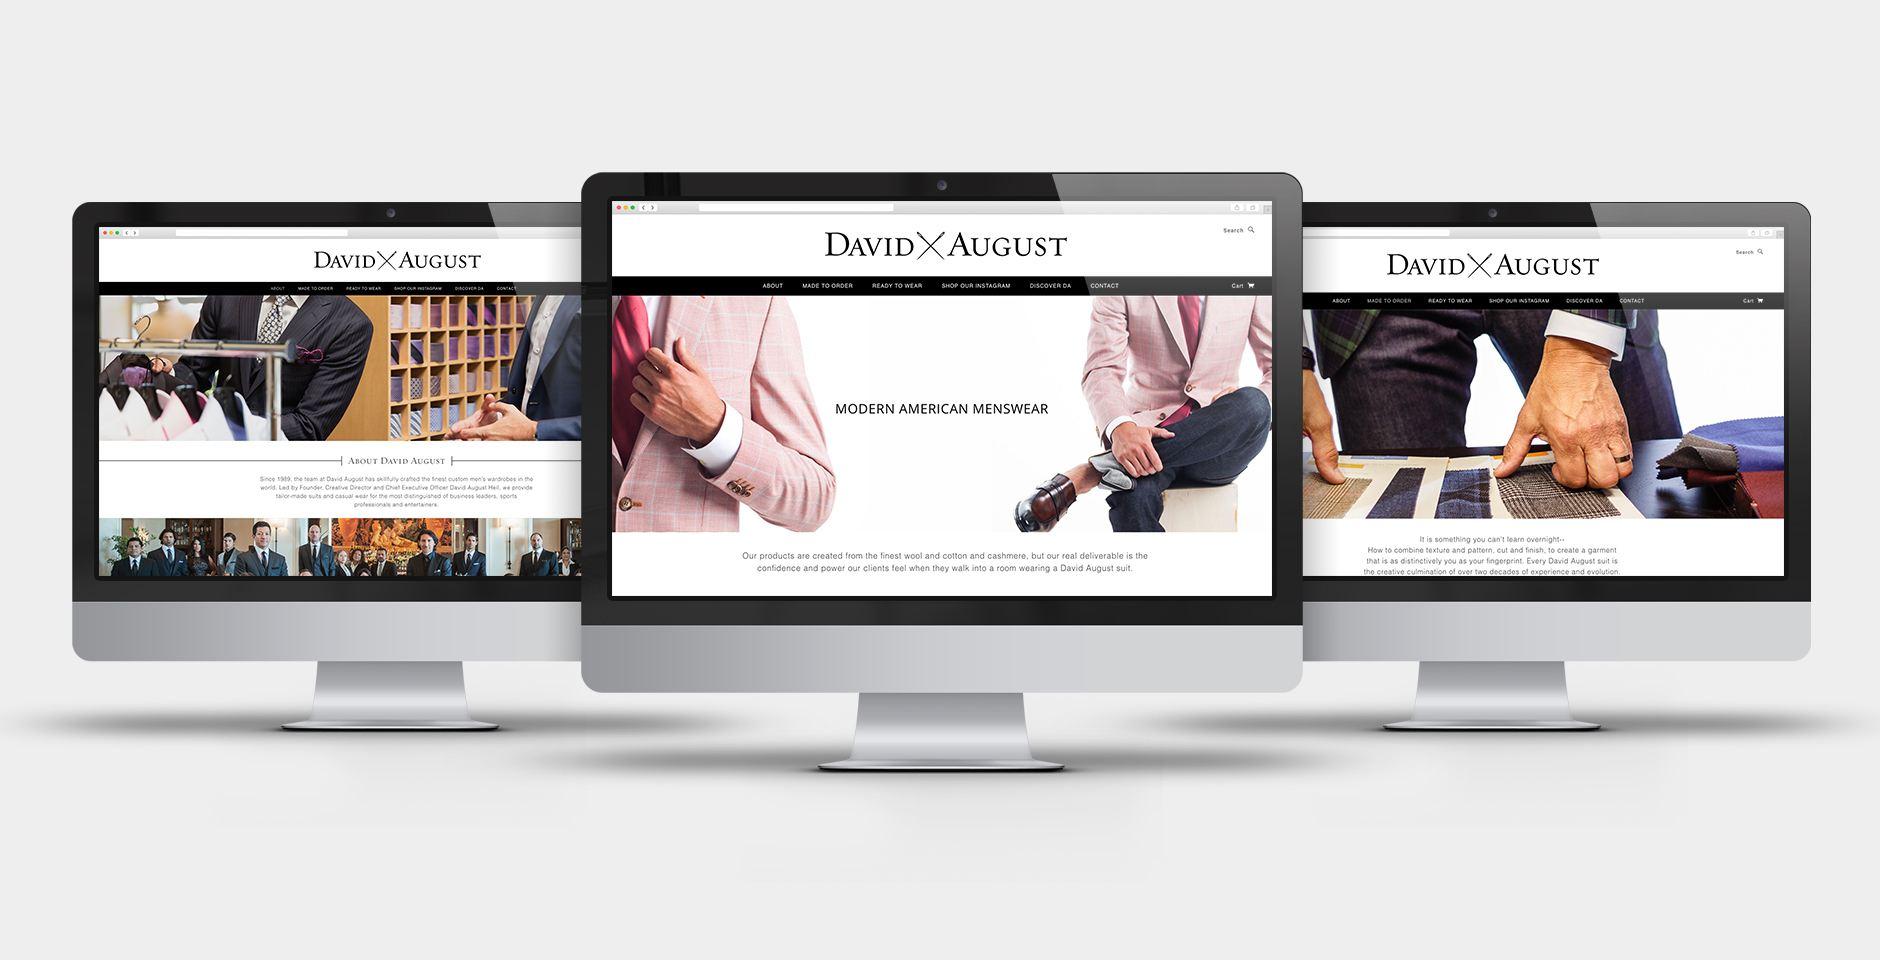 david august website refresh screengrabs